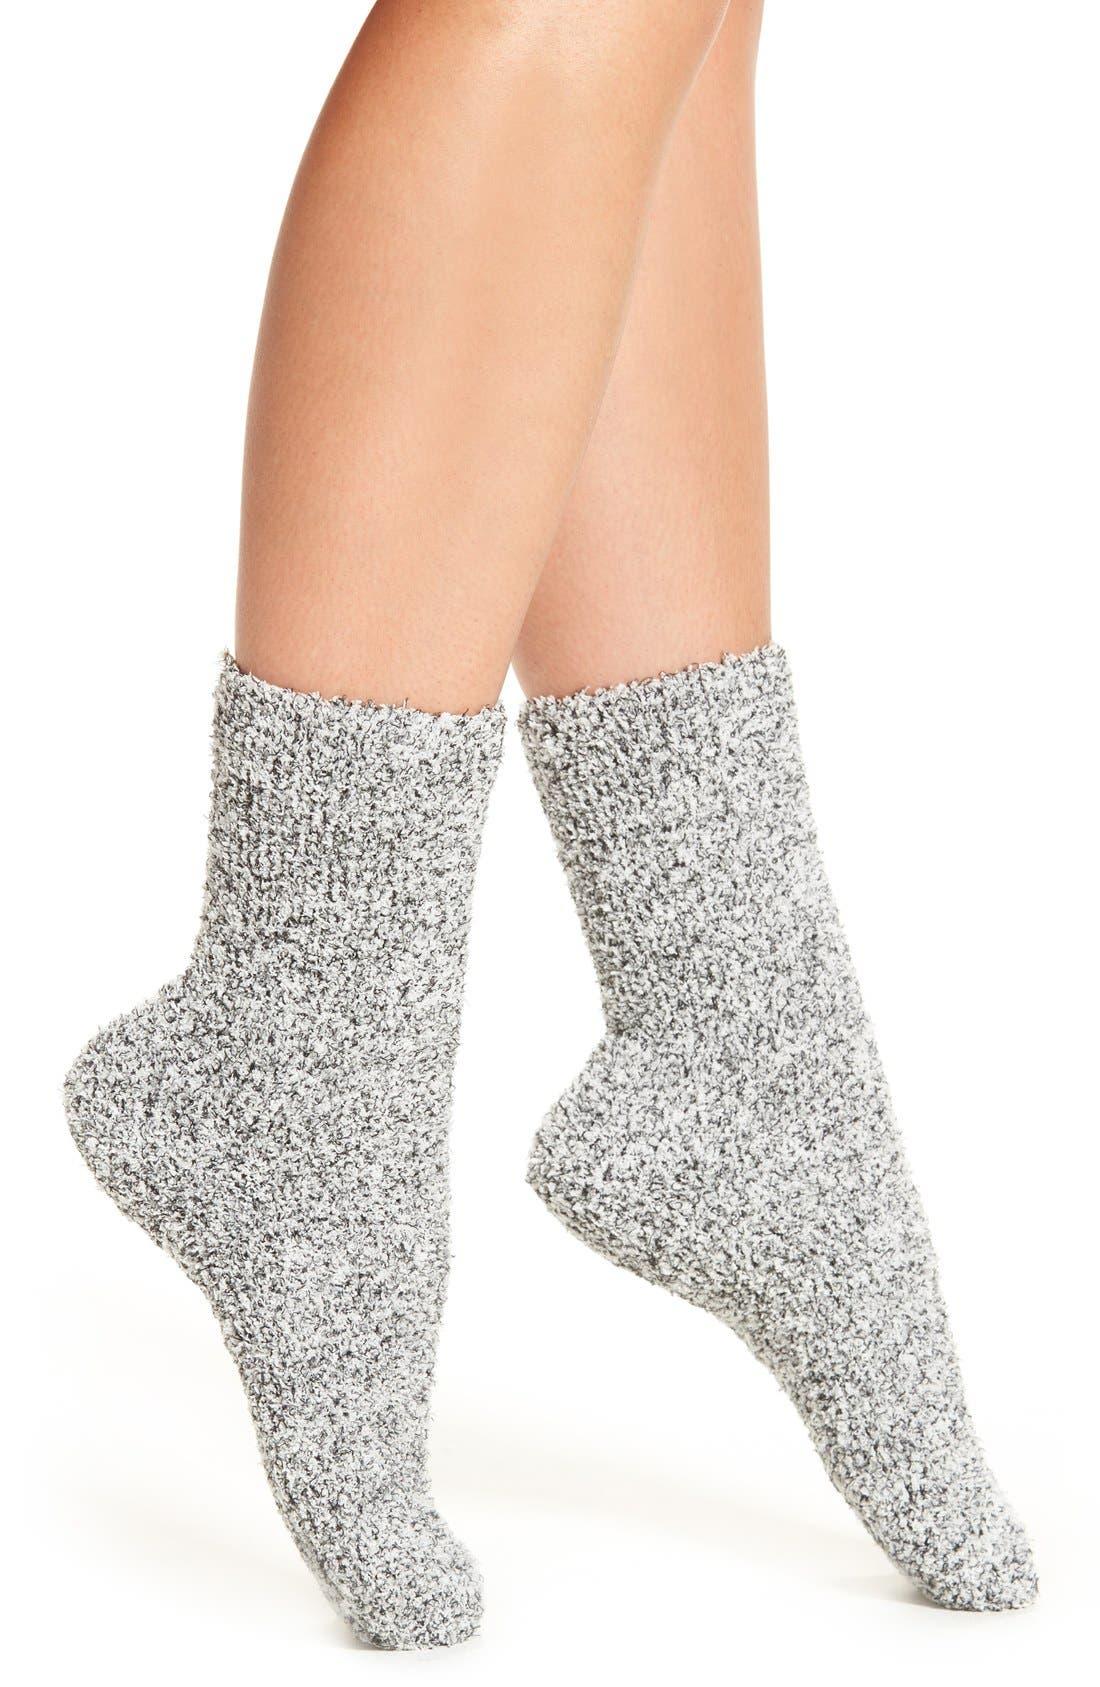 Nordstrom Butter Slipper Socks